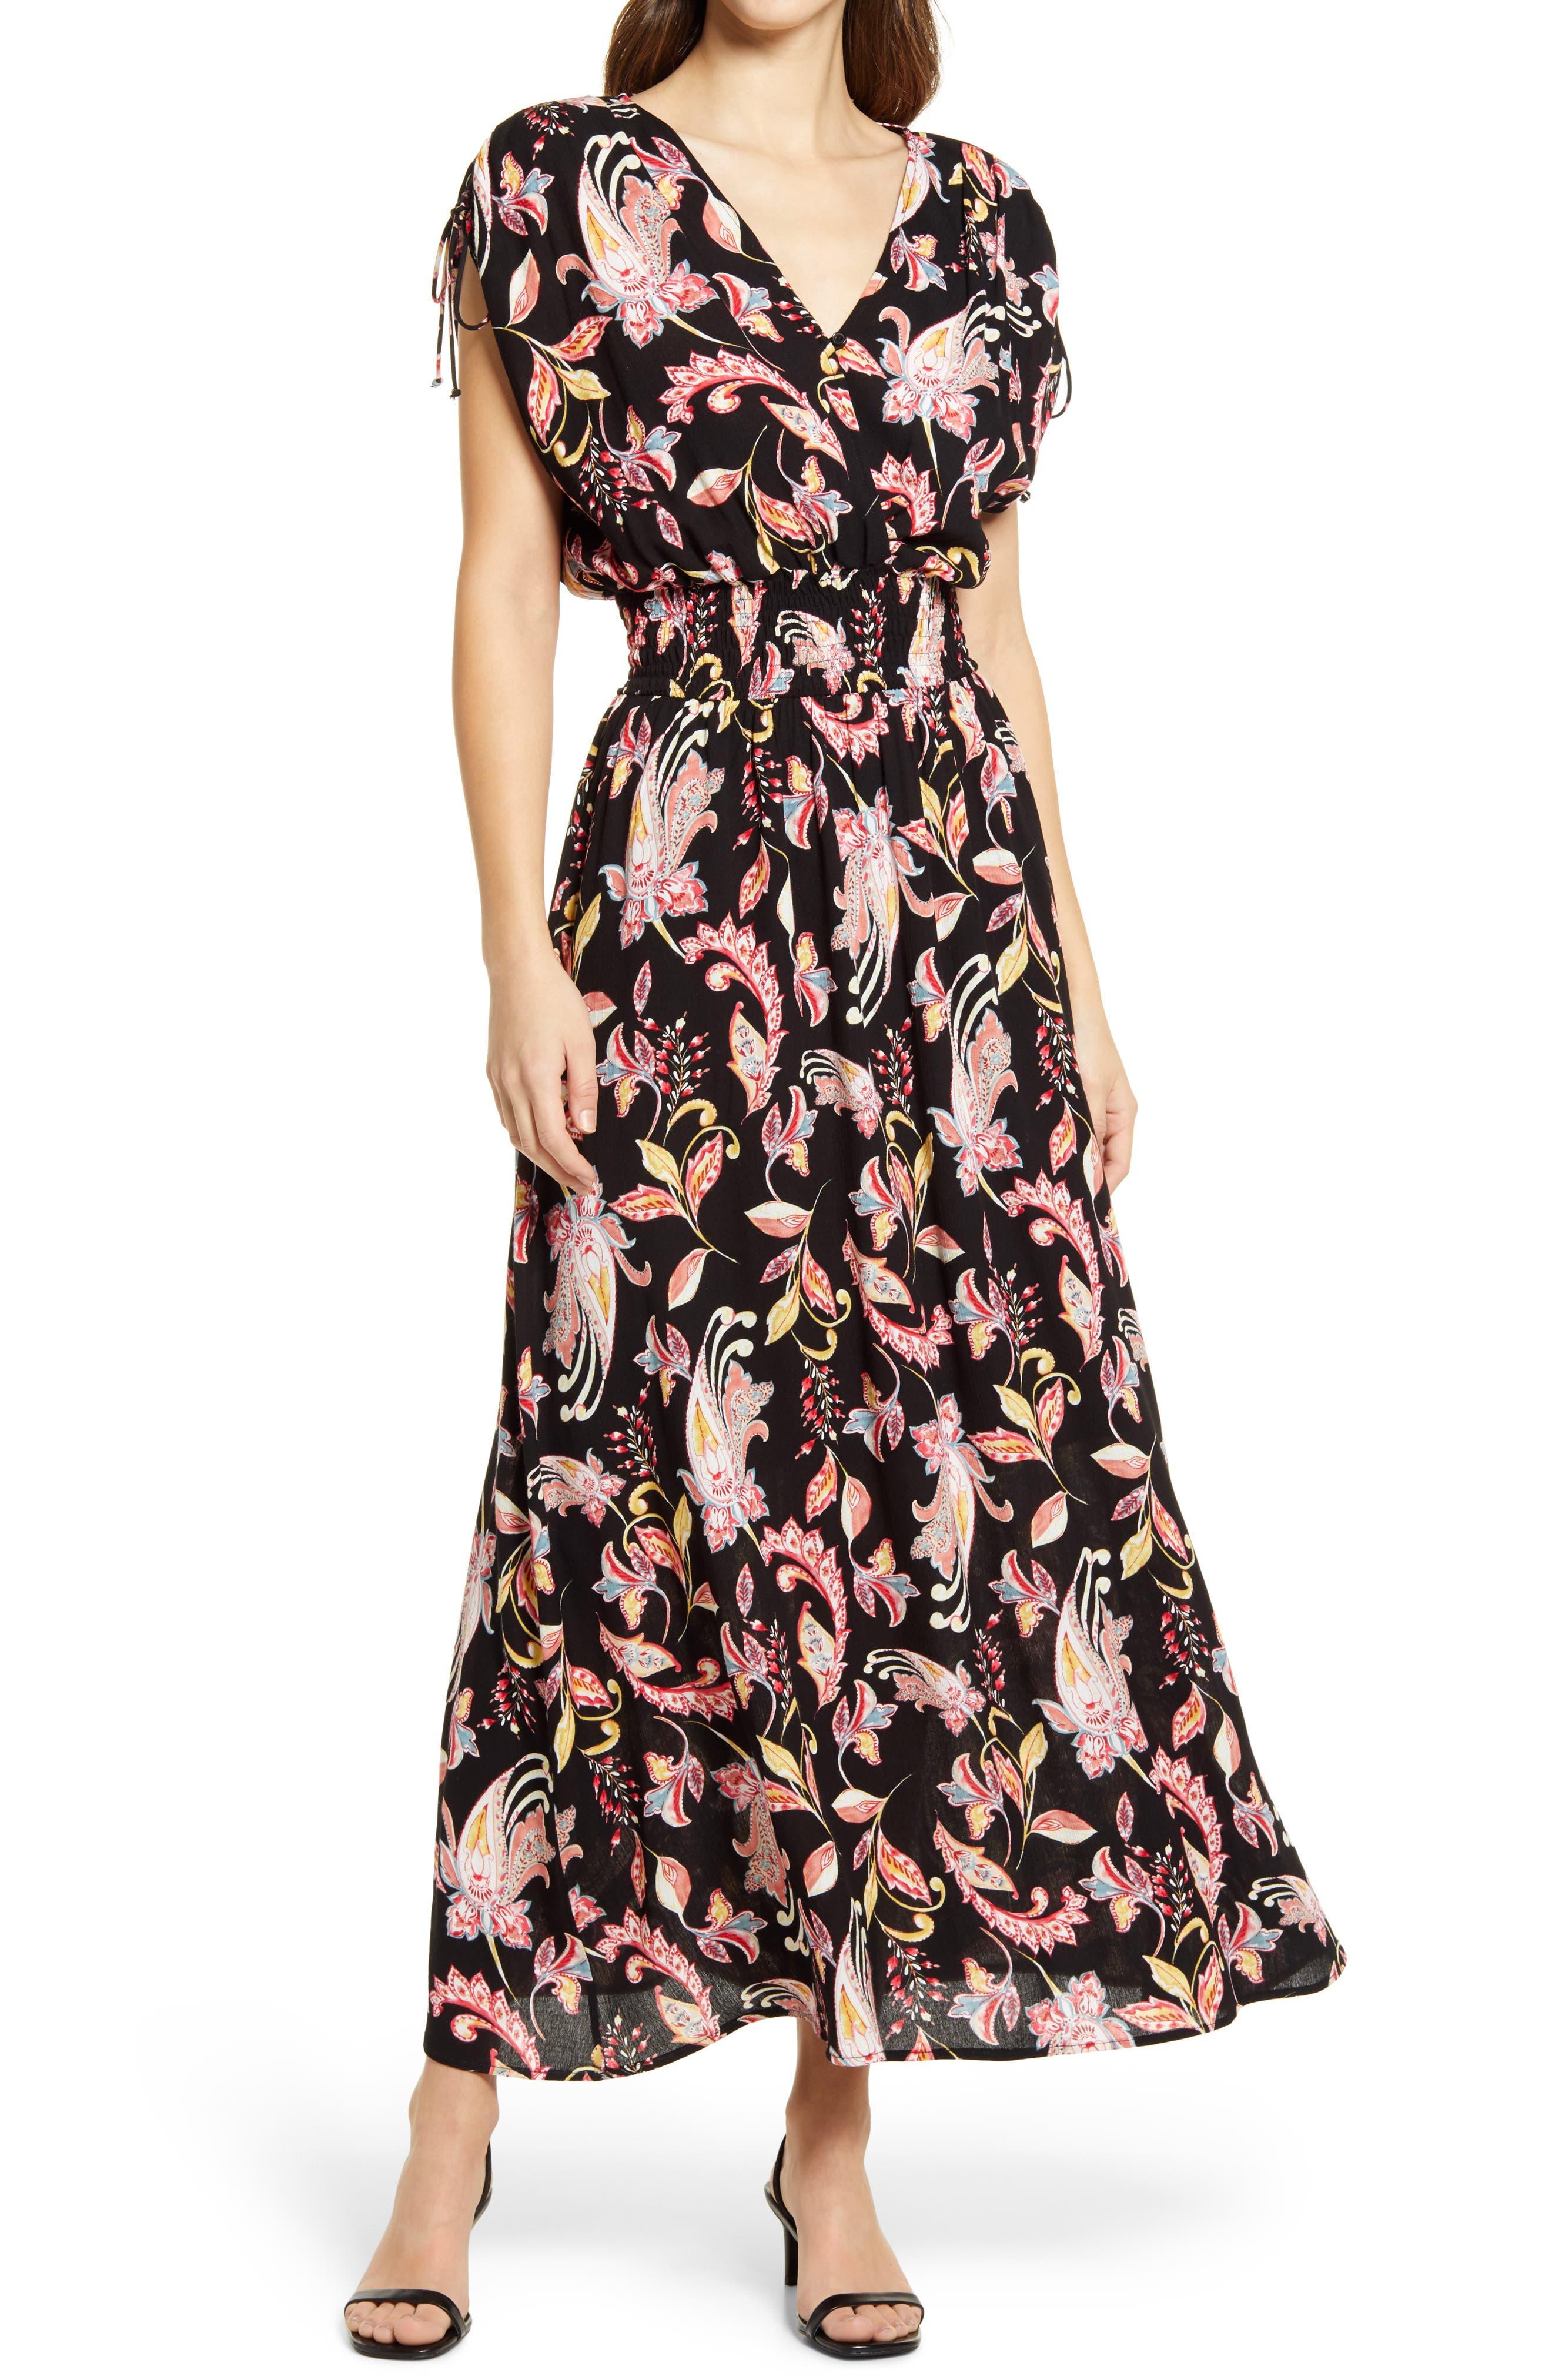 Kara Floral Faux Wrap Dress